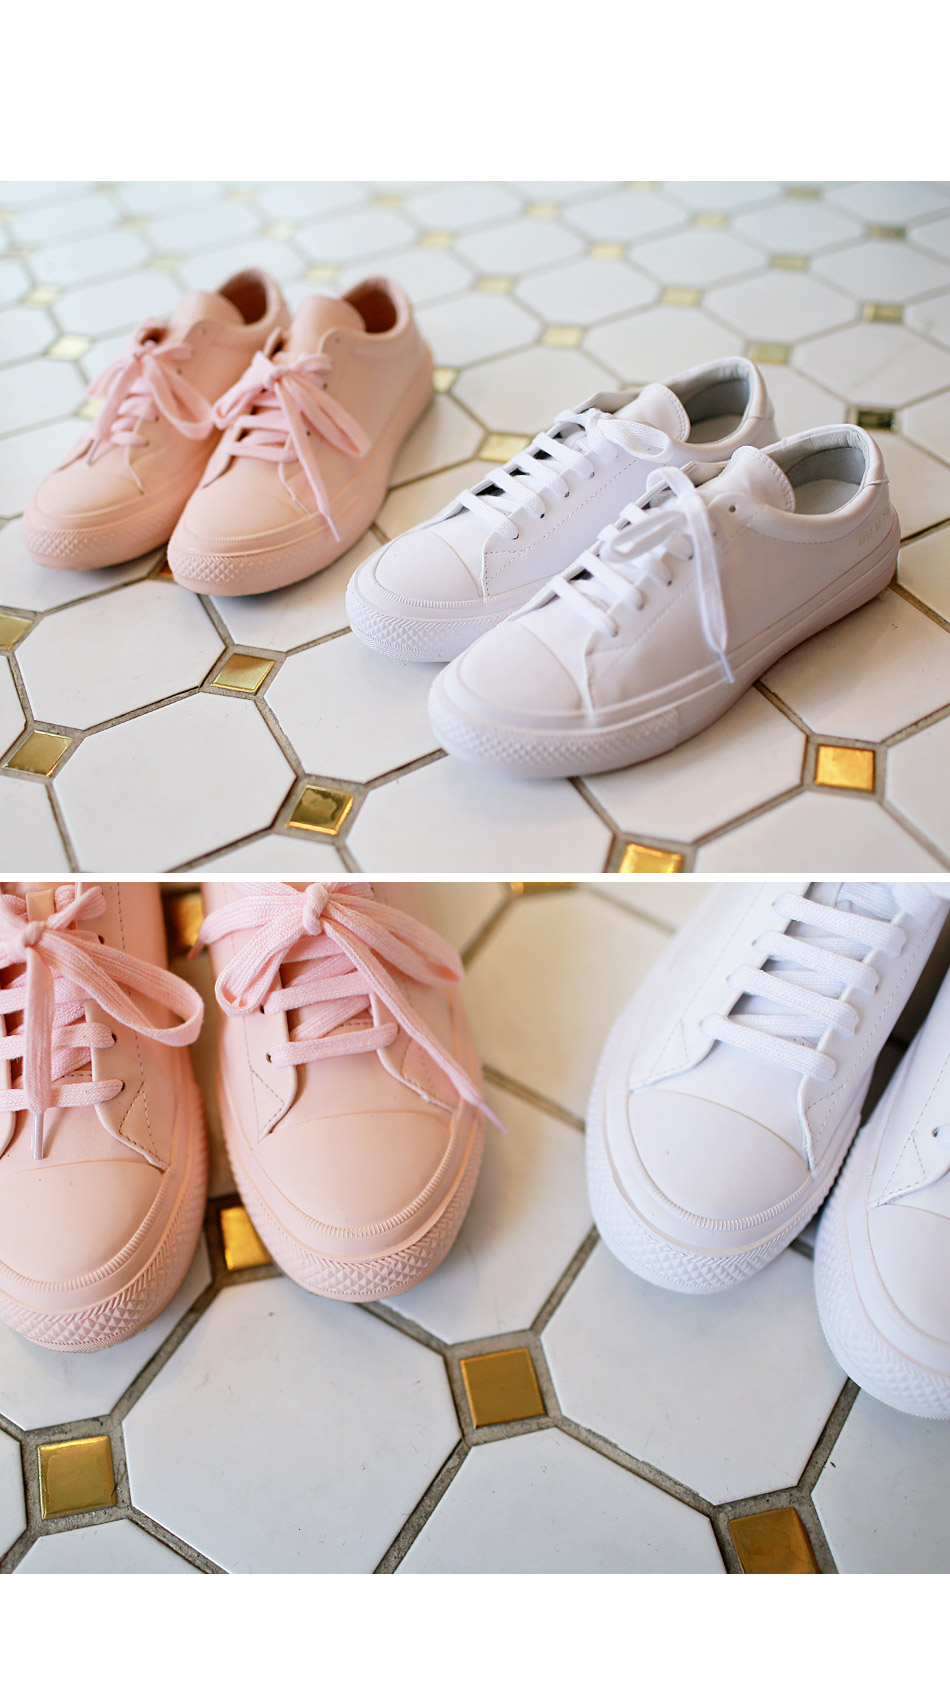 Yomi sneakers